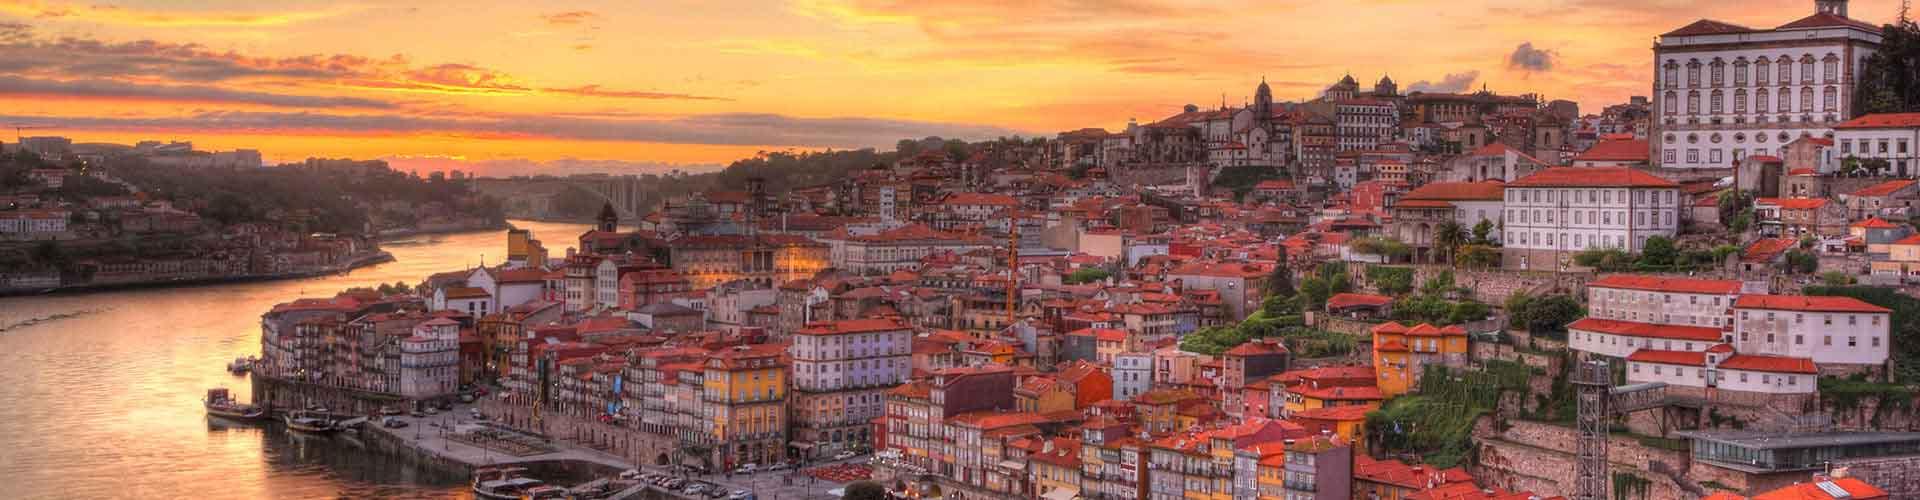 Porto - Ifjúsági Szállások Portoben. Porto térképek, fotók és ajánlások minden egyes ifjúsági szállásokra Porto-ben.